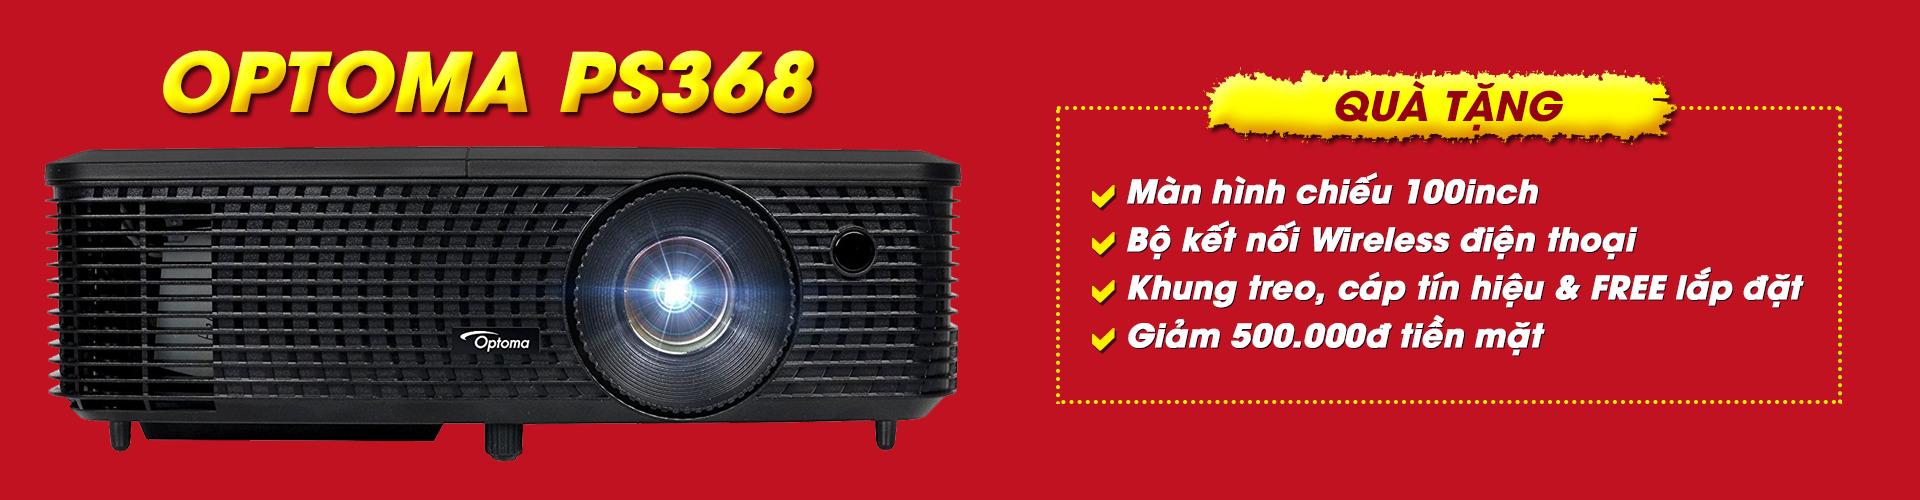 Khuyến mãi máy chiếu Optoma PS368 giải bóng đá Asiad 2018